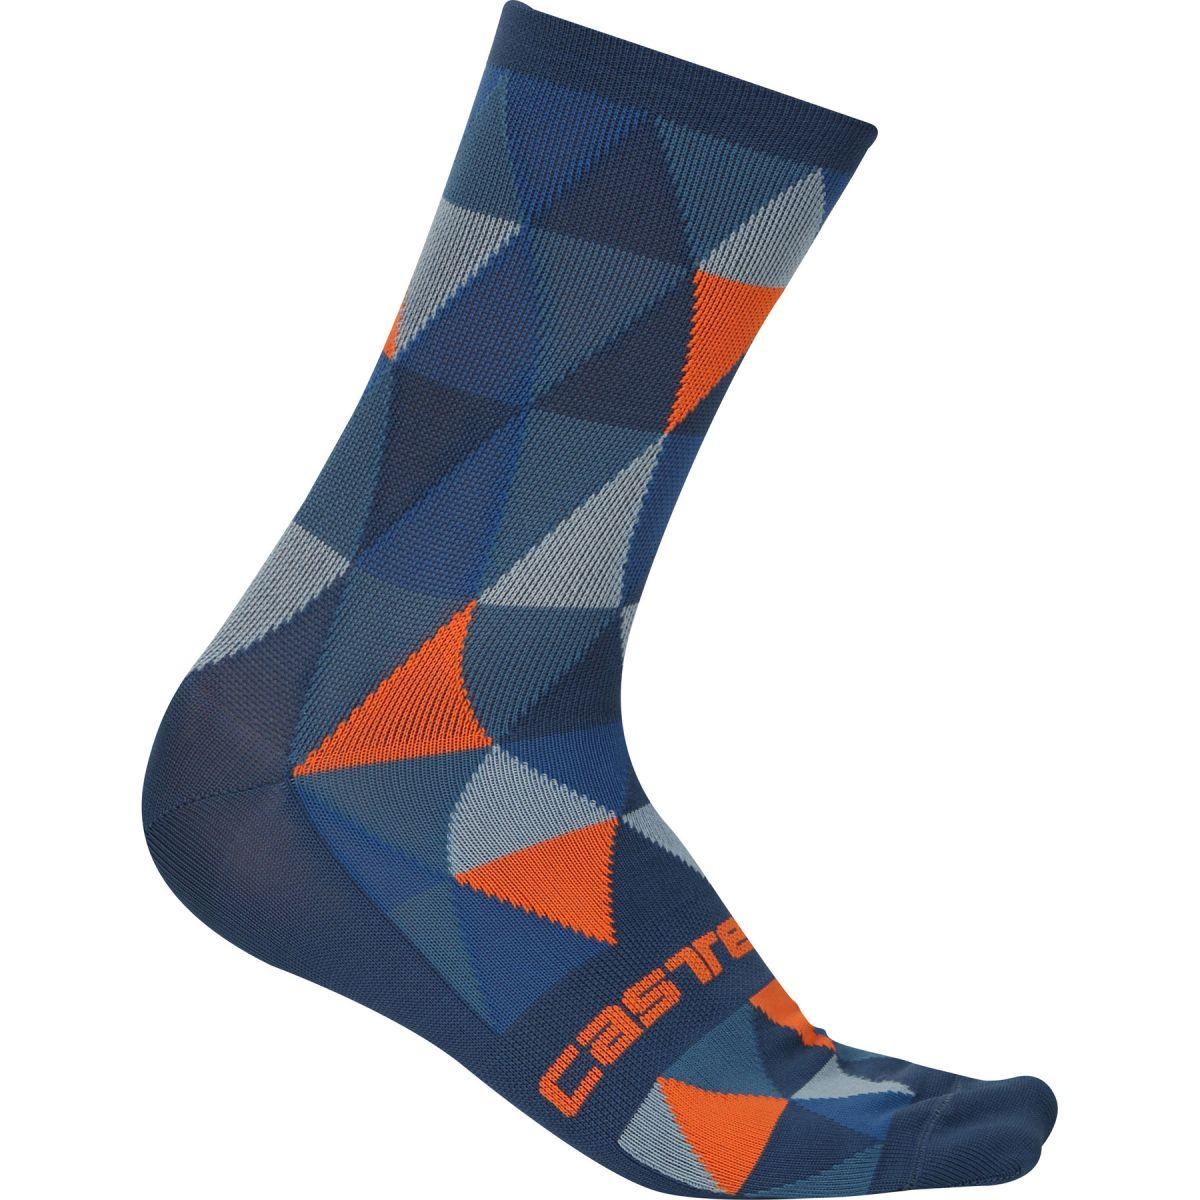 Castelli-Fausto-Socks-Internal-Multicolor-Blue-SS17-CS1703794009